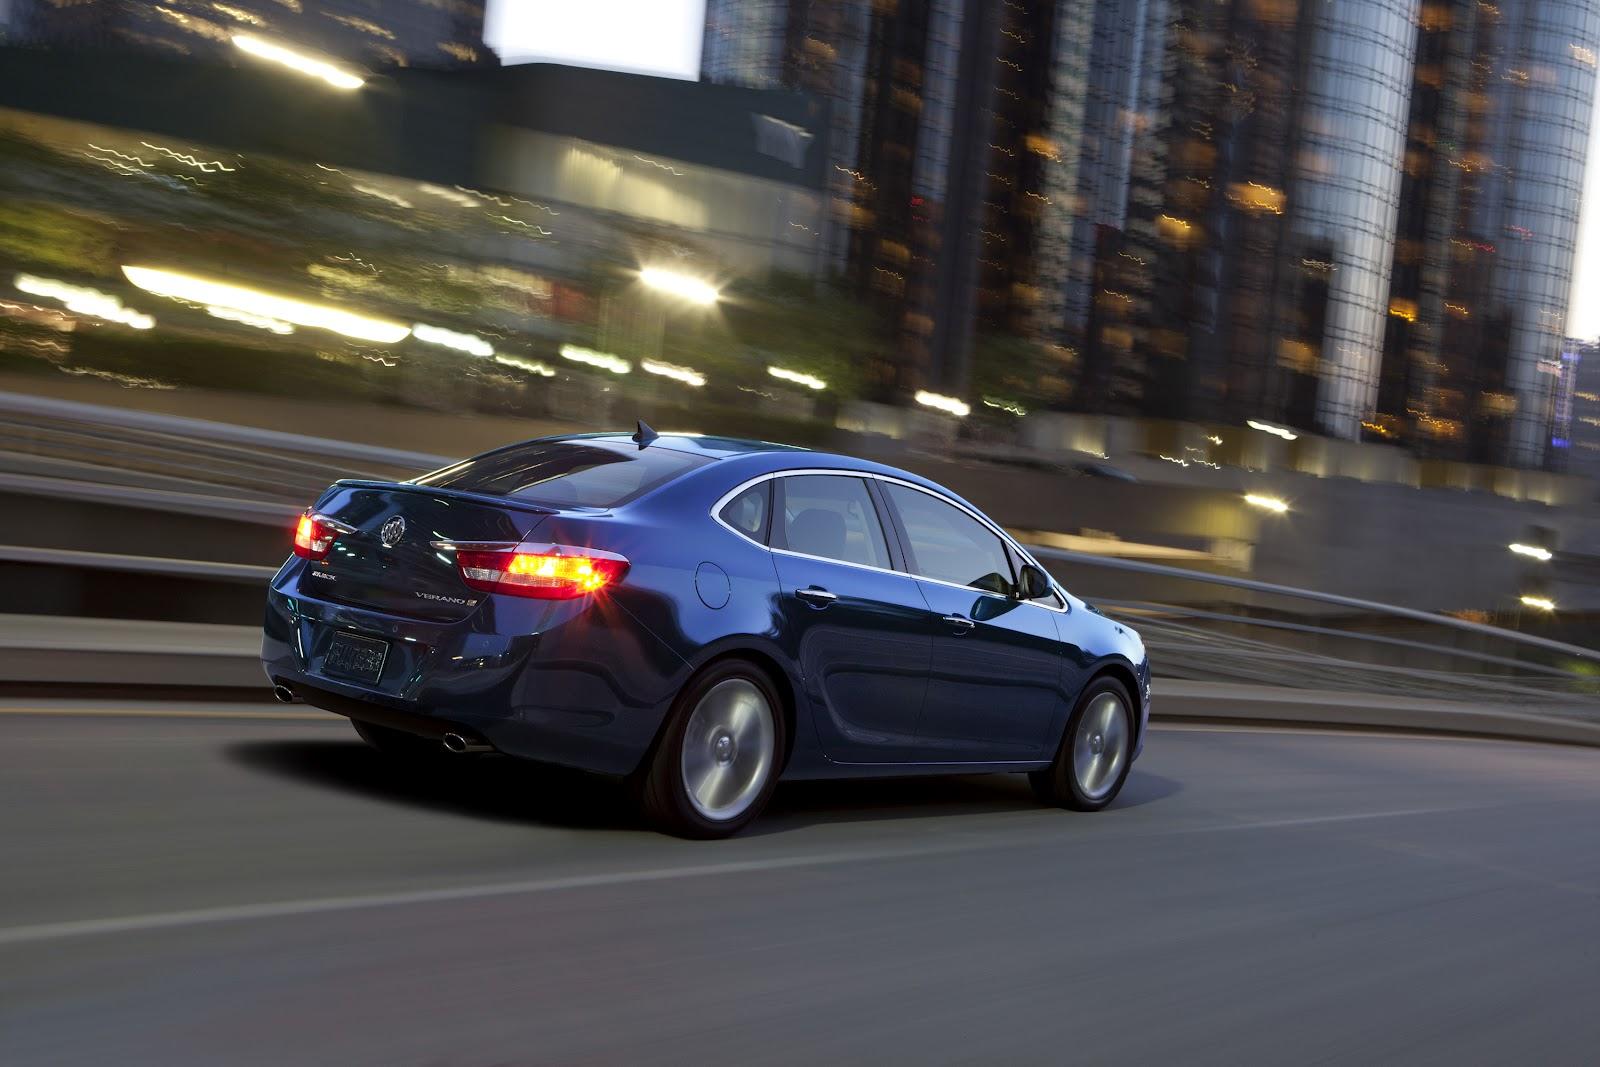 2010 - [Buick] Verano / Excelle - Page 3 2013+Buick+Verano+Turbo+7